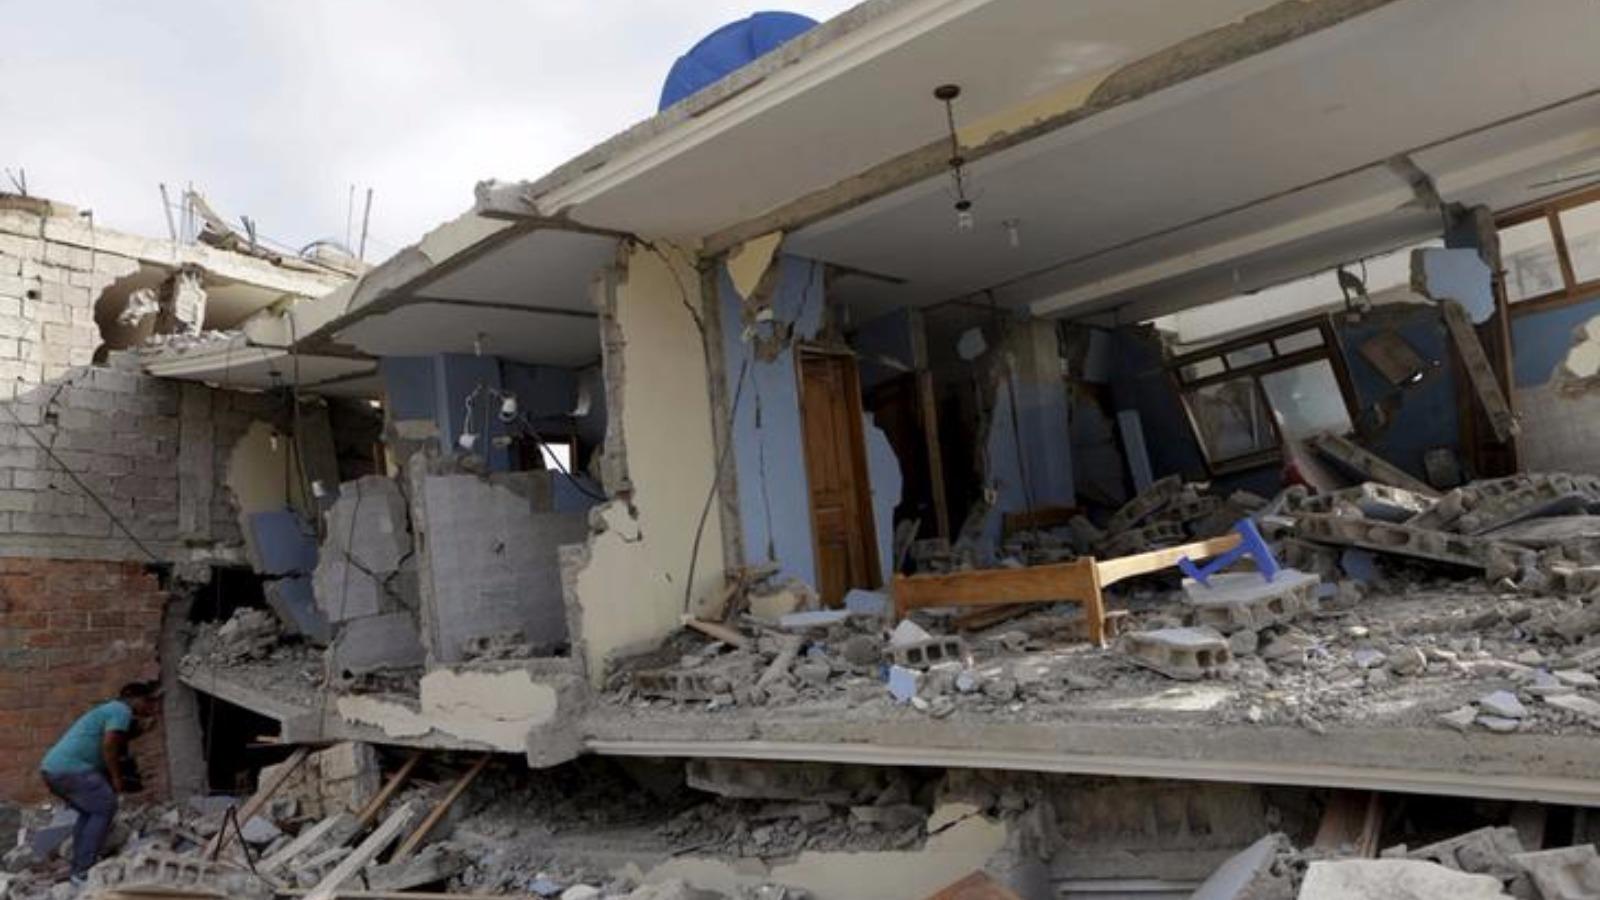 Ecuador earthquake death toll rises to 480